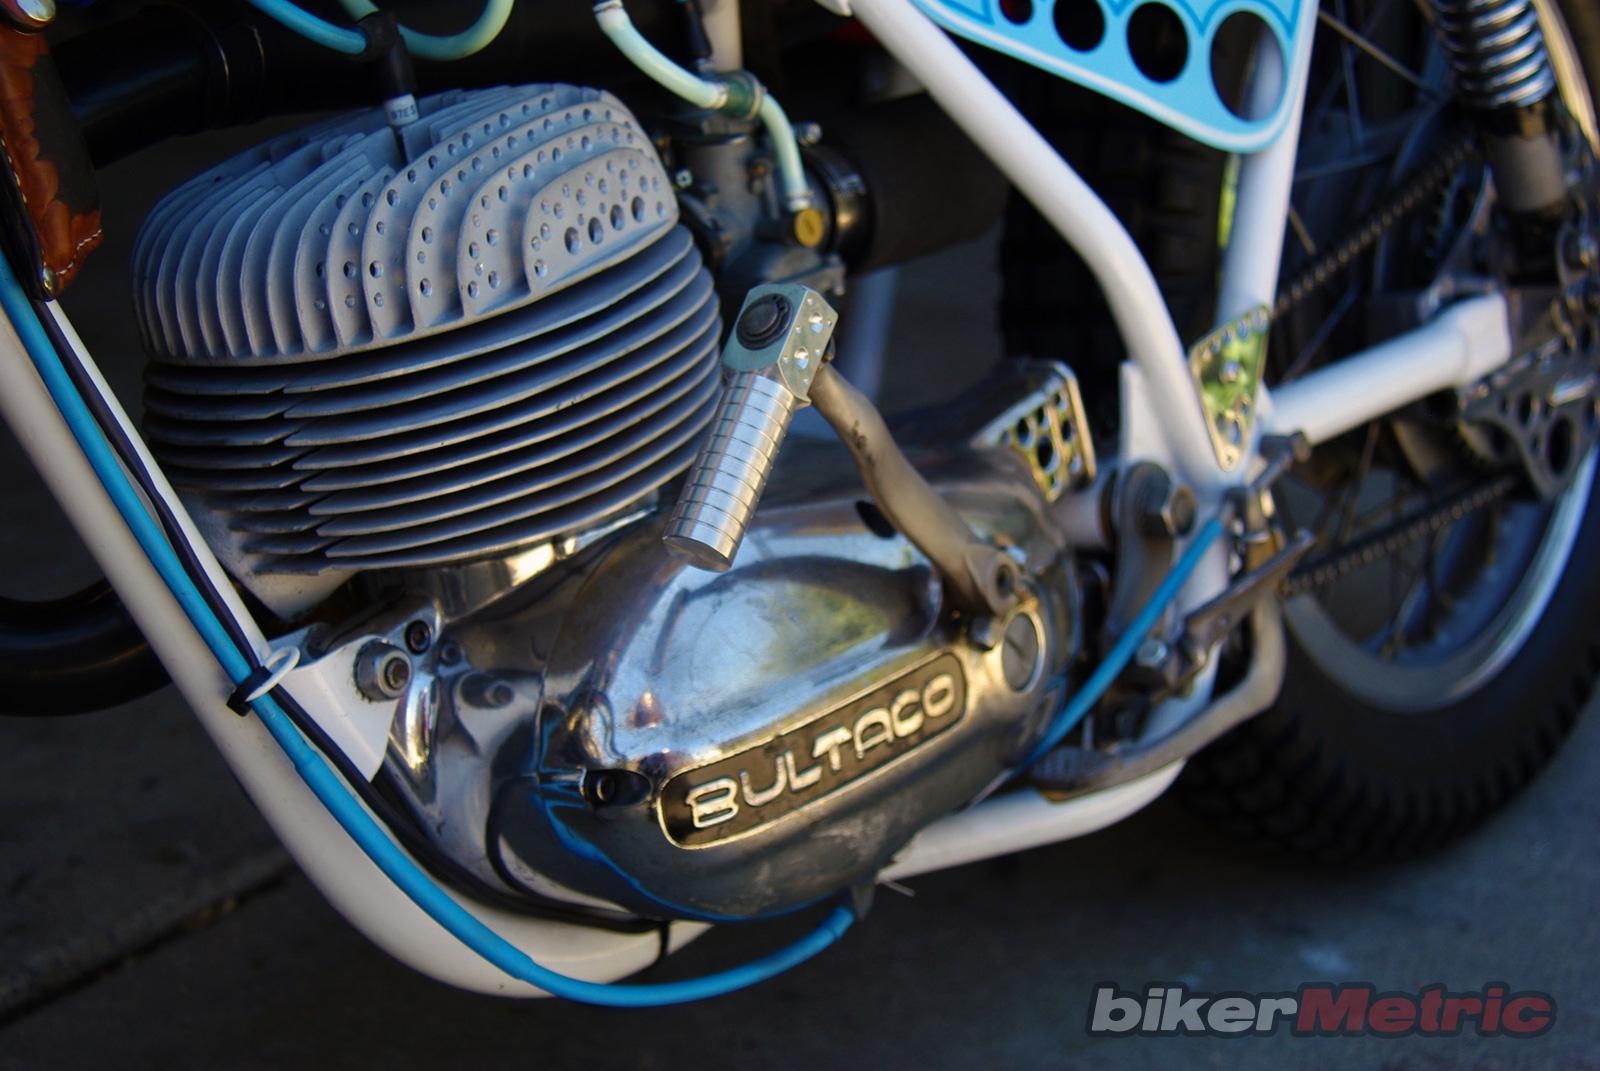 1960's bultaco matador 250 tracker - motor- detail | busch & busch